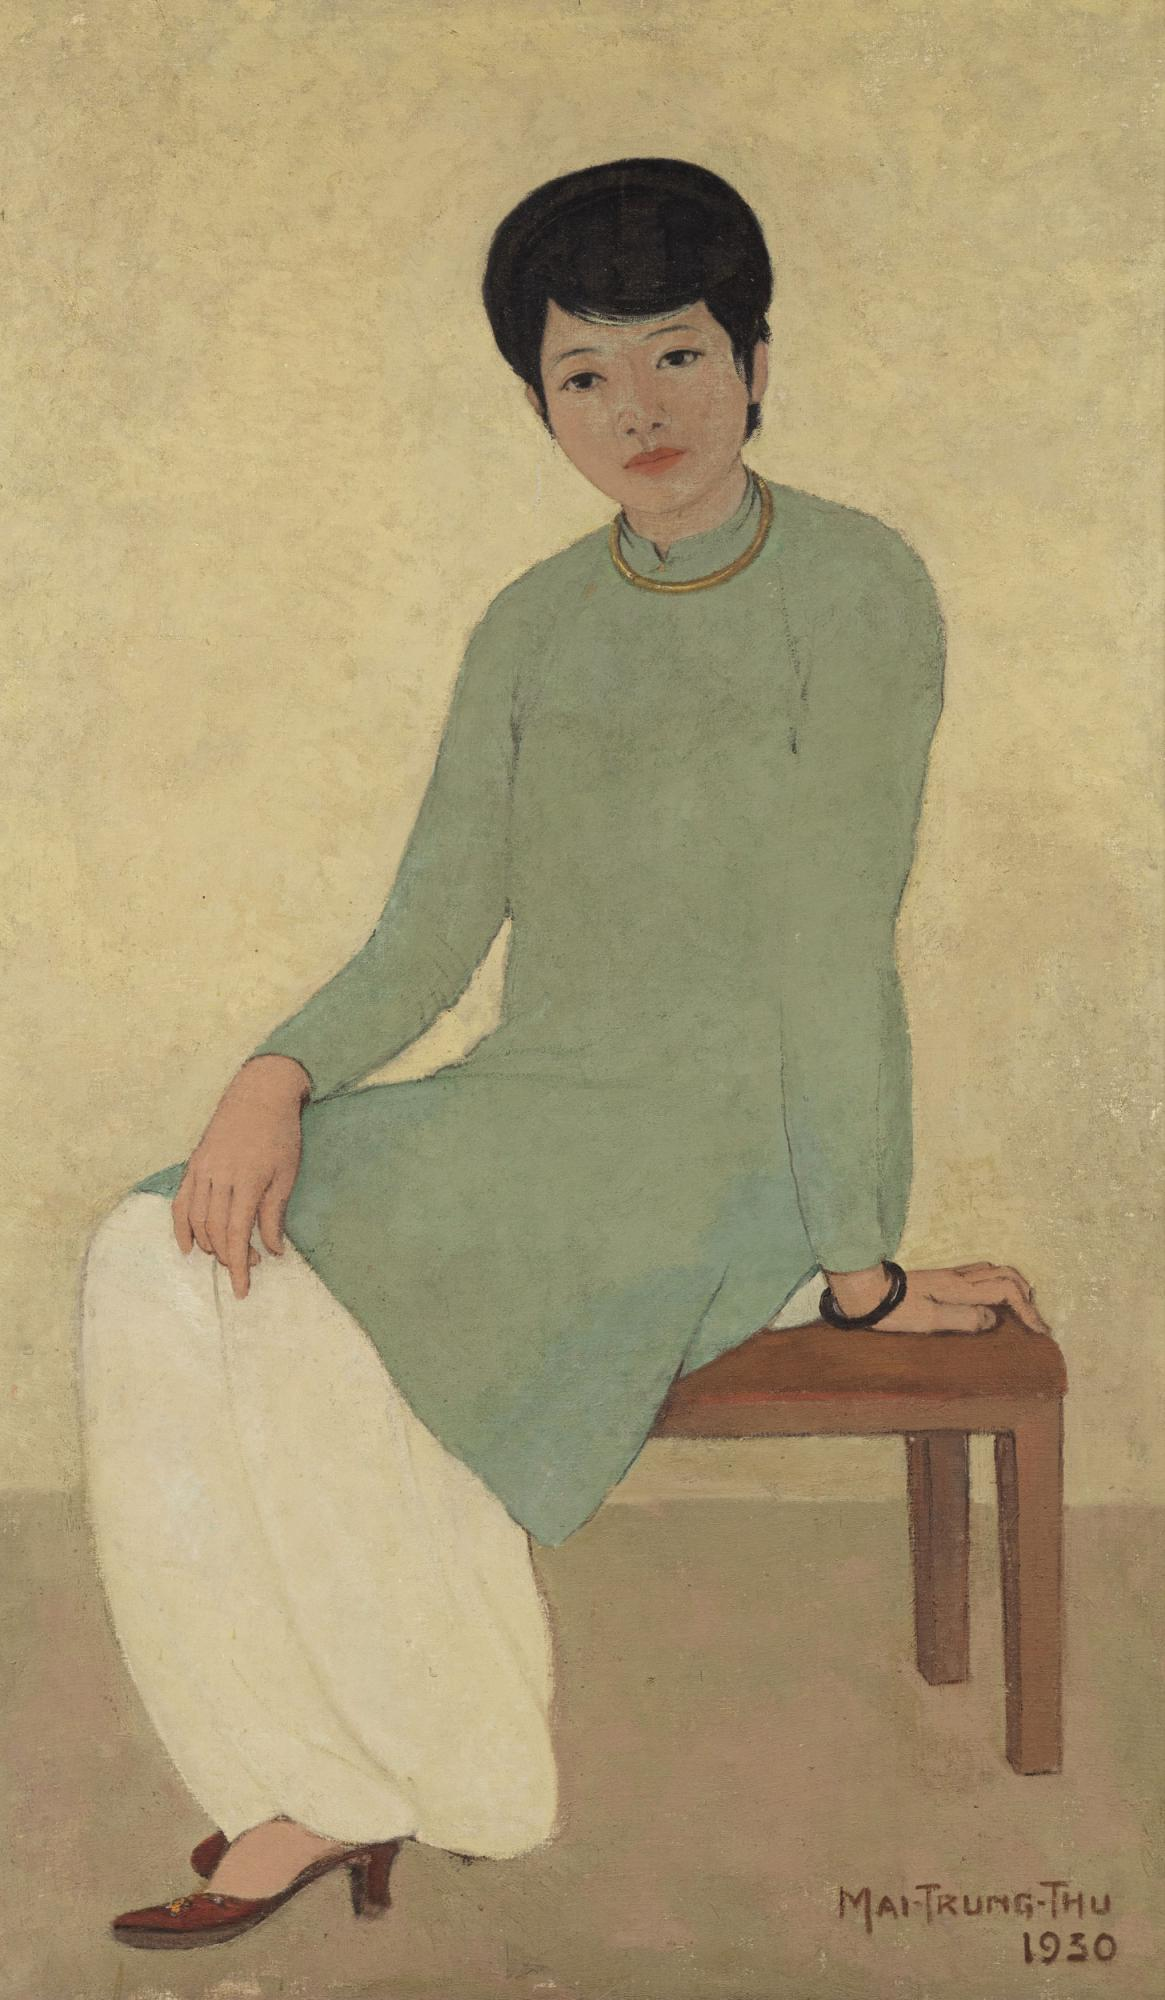 梅忠恕《芳小姐的肖像》,油畫畫布,一九三〇年作,135.5 x 80 公分,估價:7,500,000 - 9,300,000 港元。